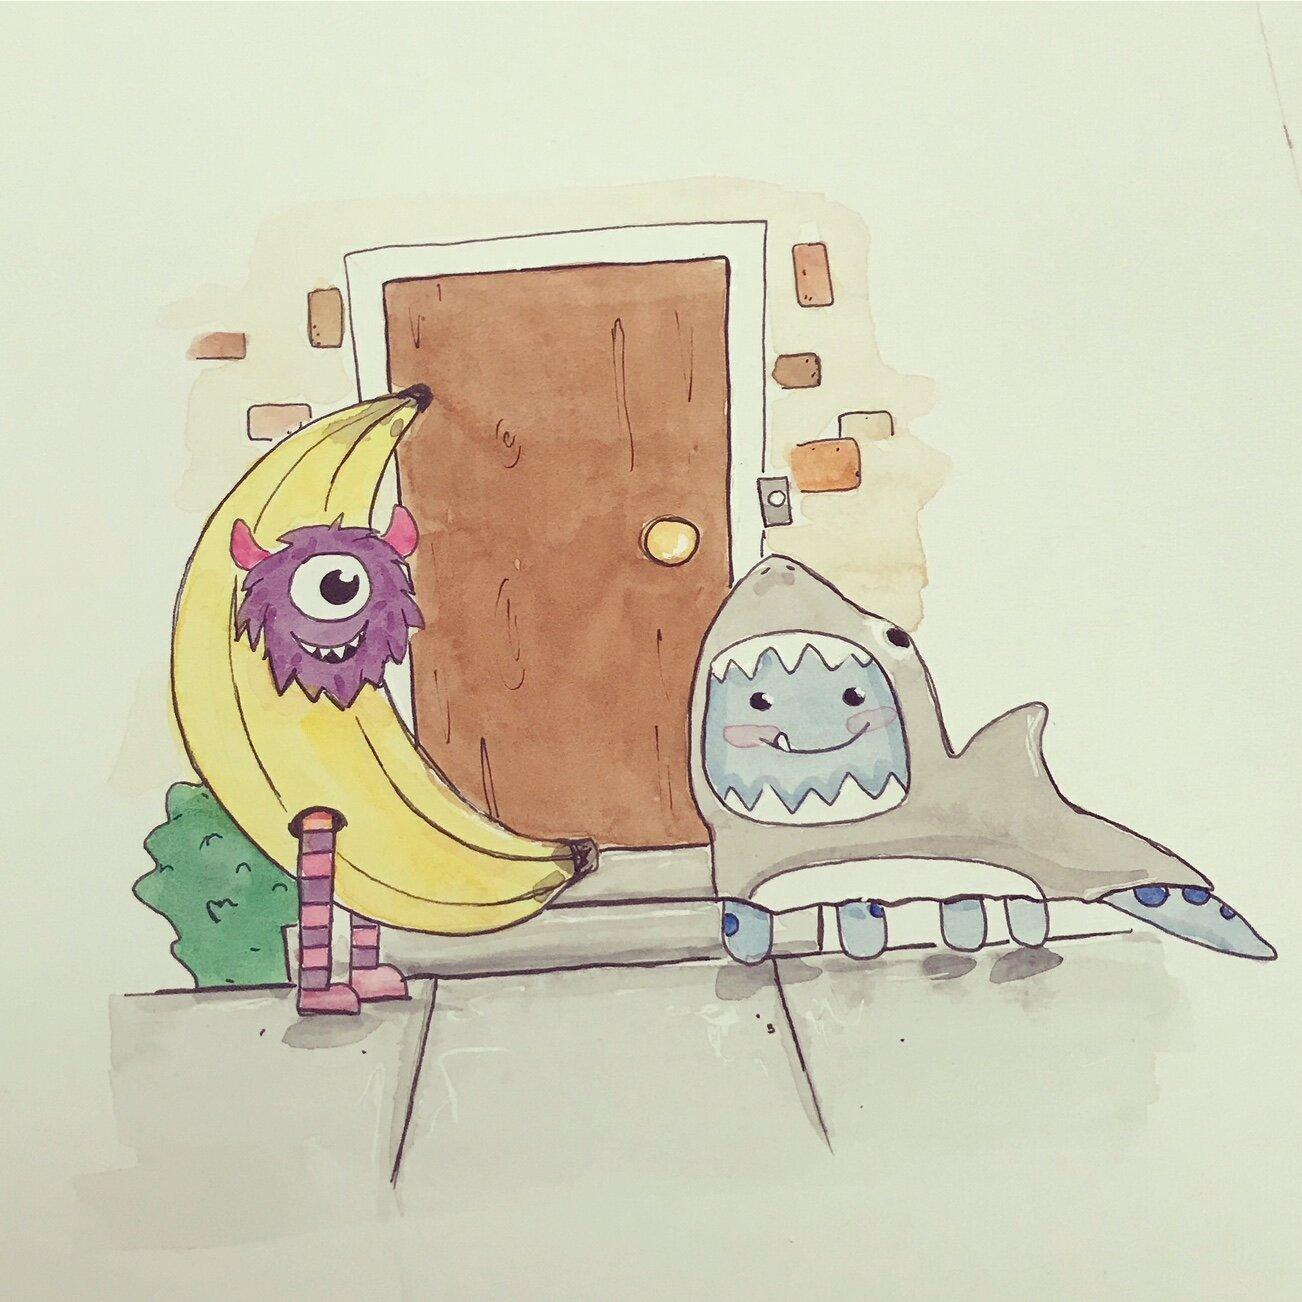 shy little monster